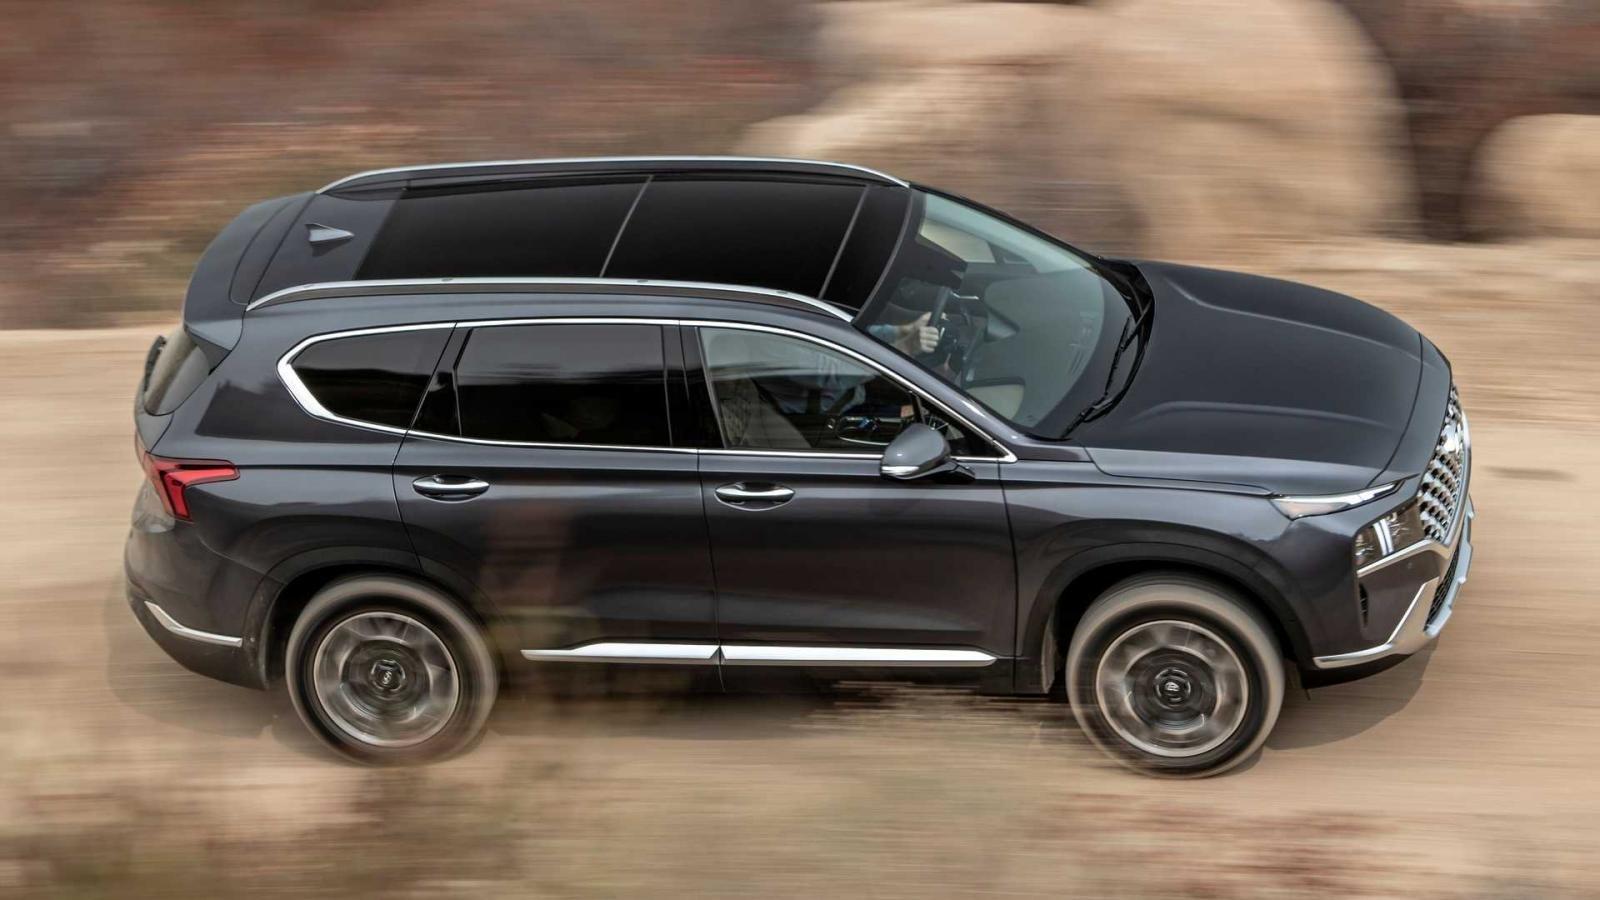 Hyundai Santa Fe 2021 và Elantra 2021 không giành được giải thưởng Top Safety Pick+ do lỗi đèn pha.